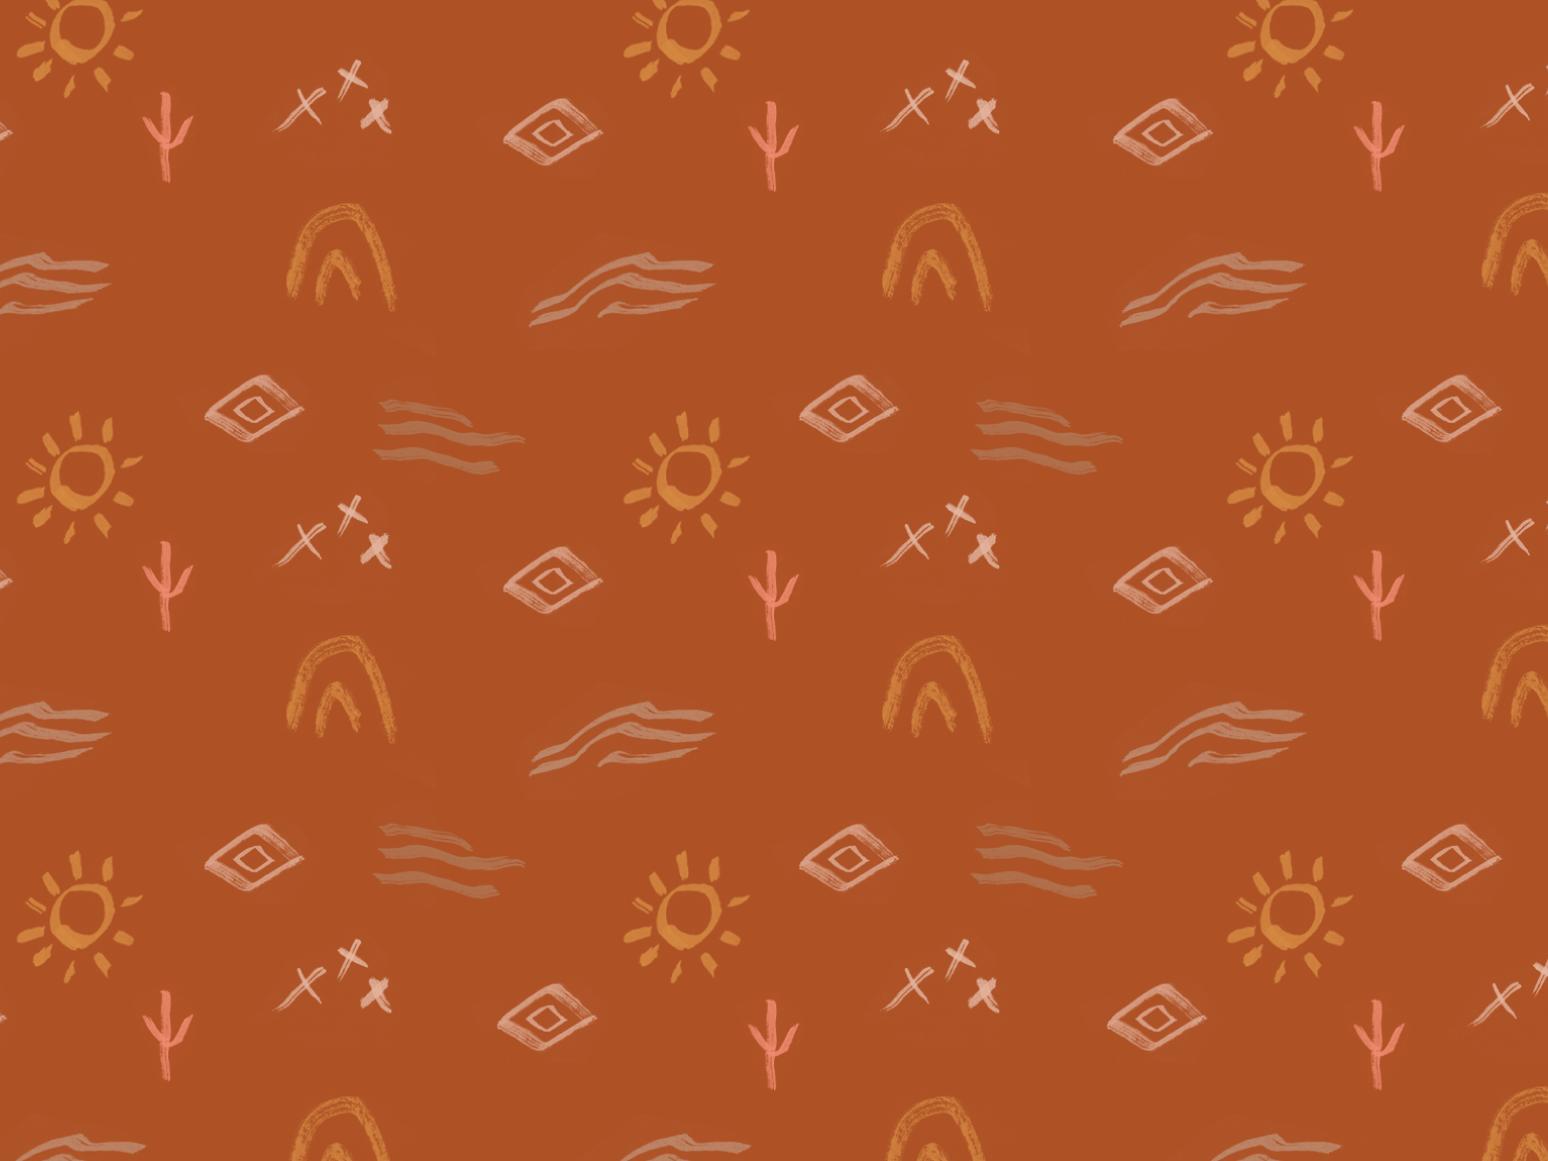 Desert inspired wallpaper joshua tree hand crafted wallpaper design feminine boho organic hand drawn illustration desert wallpaper